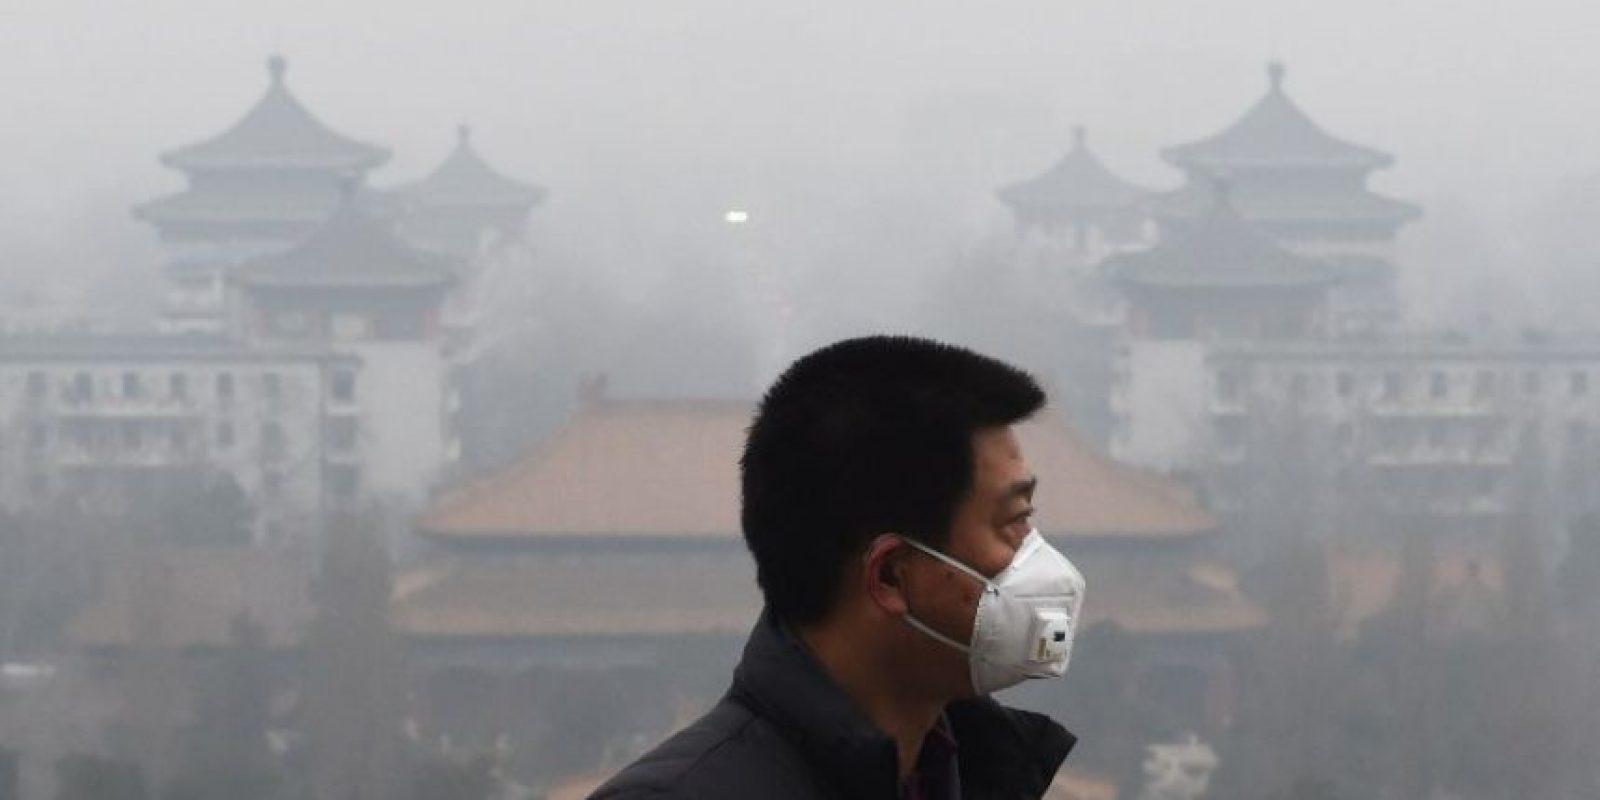 Las autoridades esperan que el esmog disminuya el próximo jueves Foto:AFP